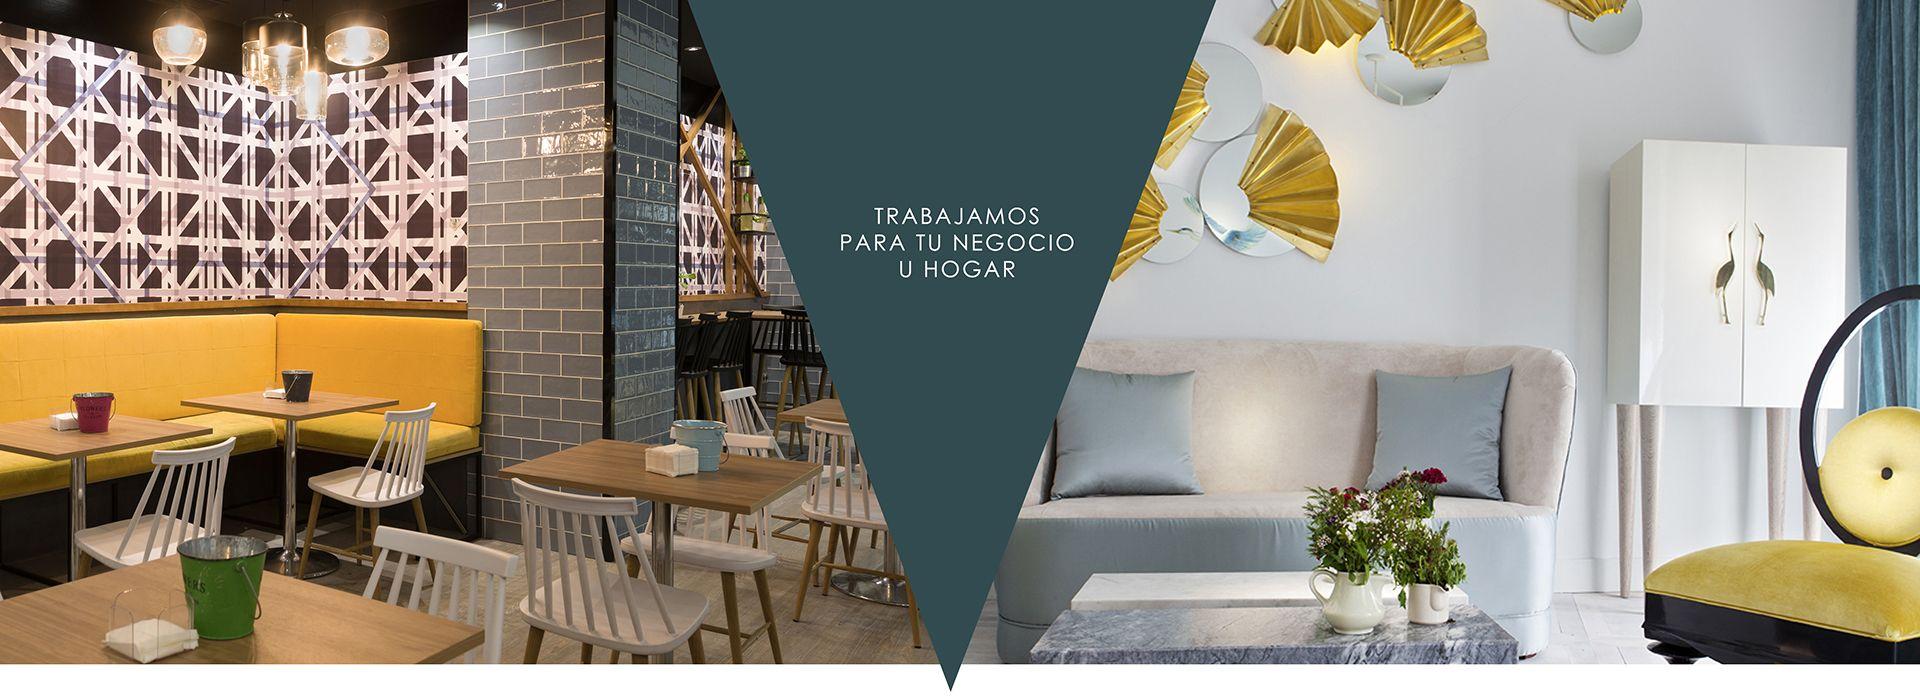 Interiorismo Y Decoraci N Antigua Interiorismo Trinidad  # Muebles Ubeda Jaen